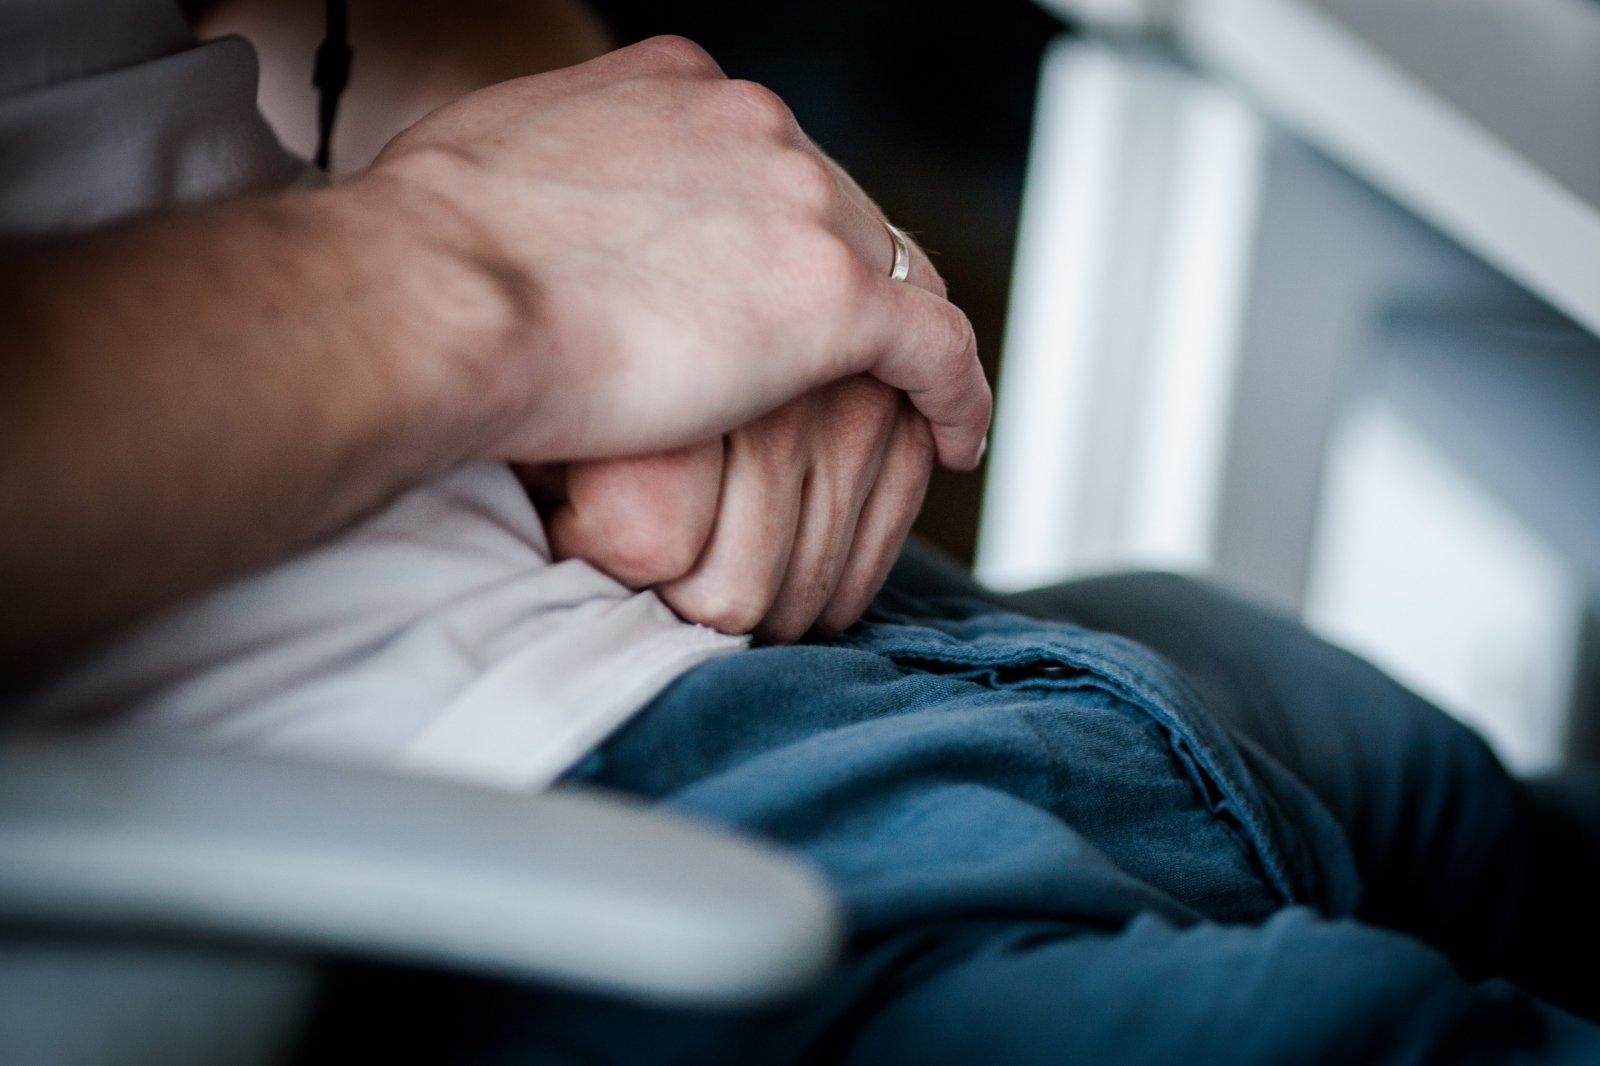 jokio jautrumo lytinių santykių ir erekcijos metu kaip greitai padides narys